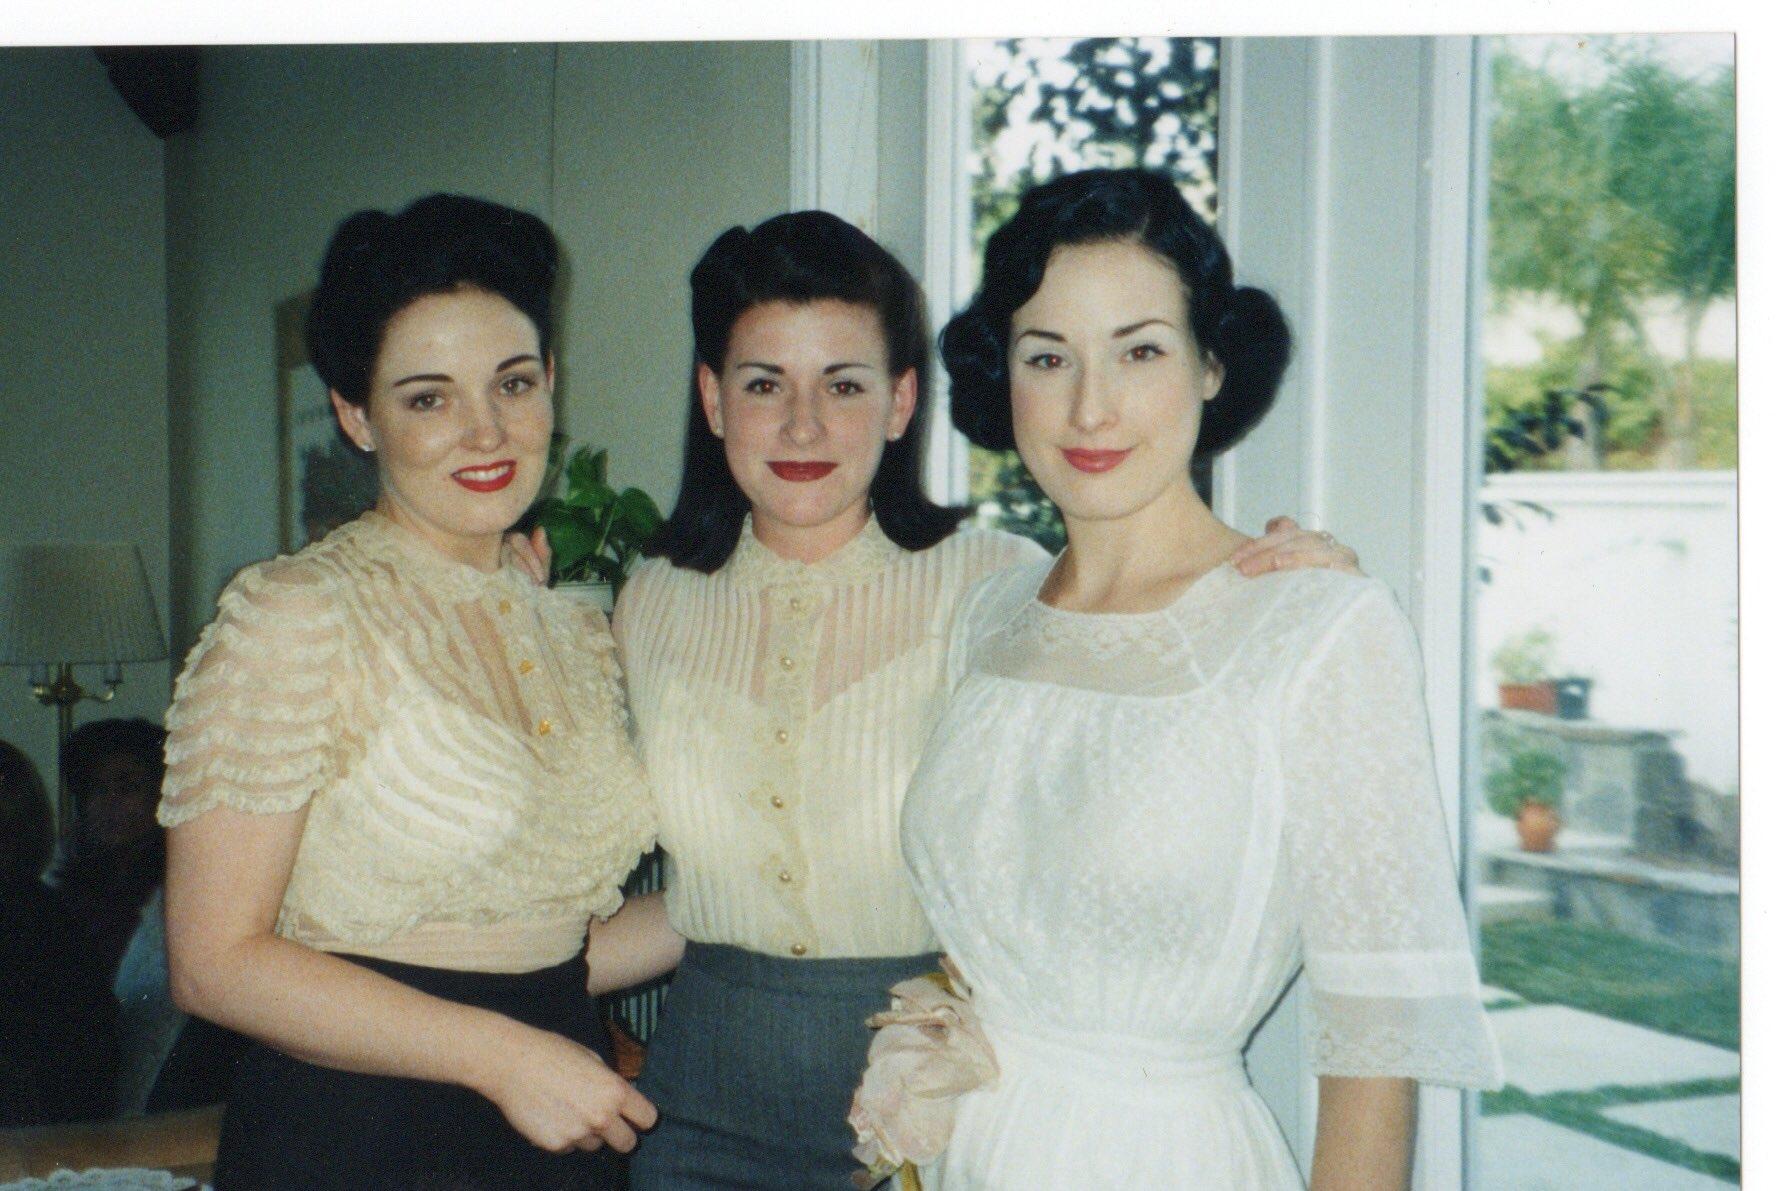 Dita Von Teese siblings